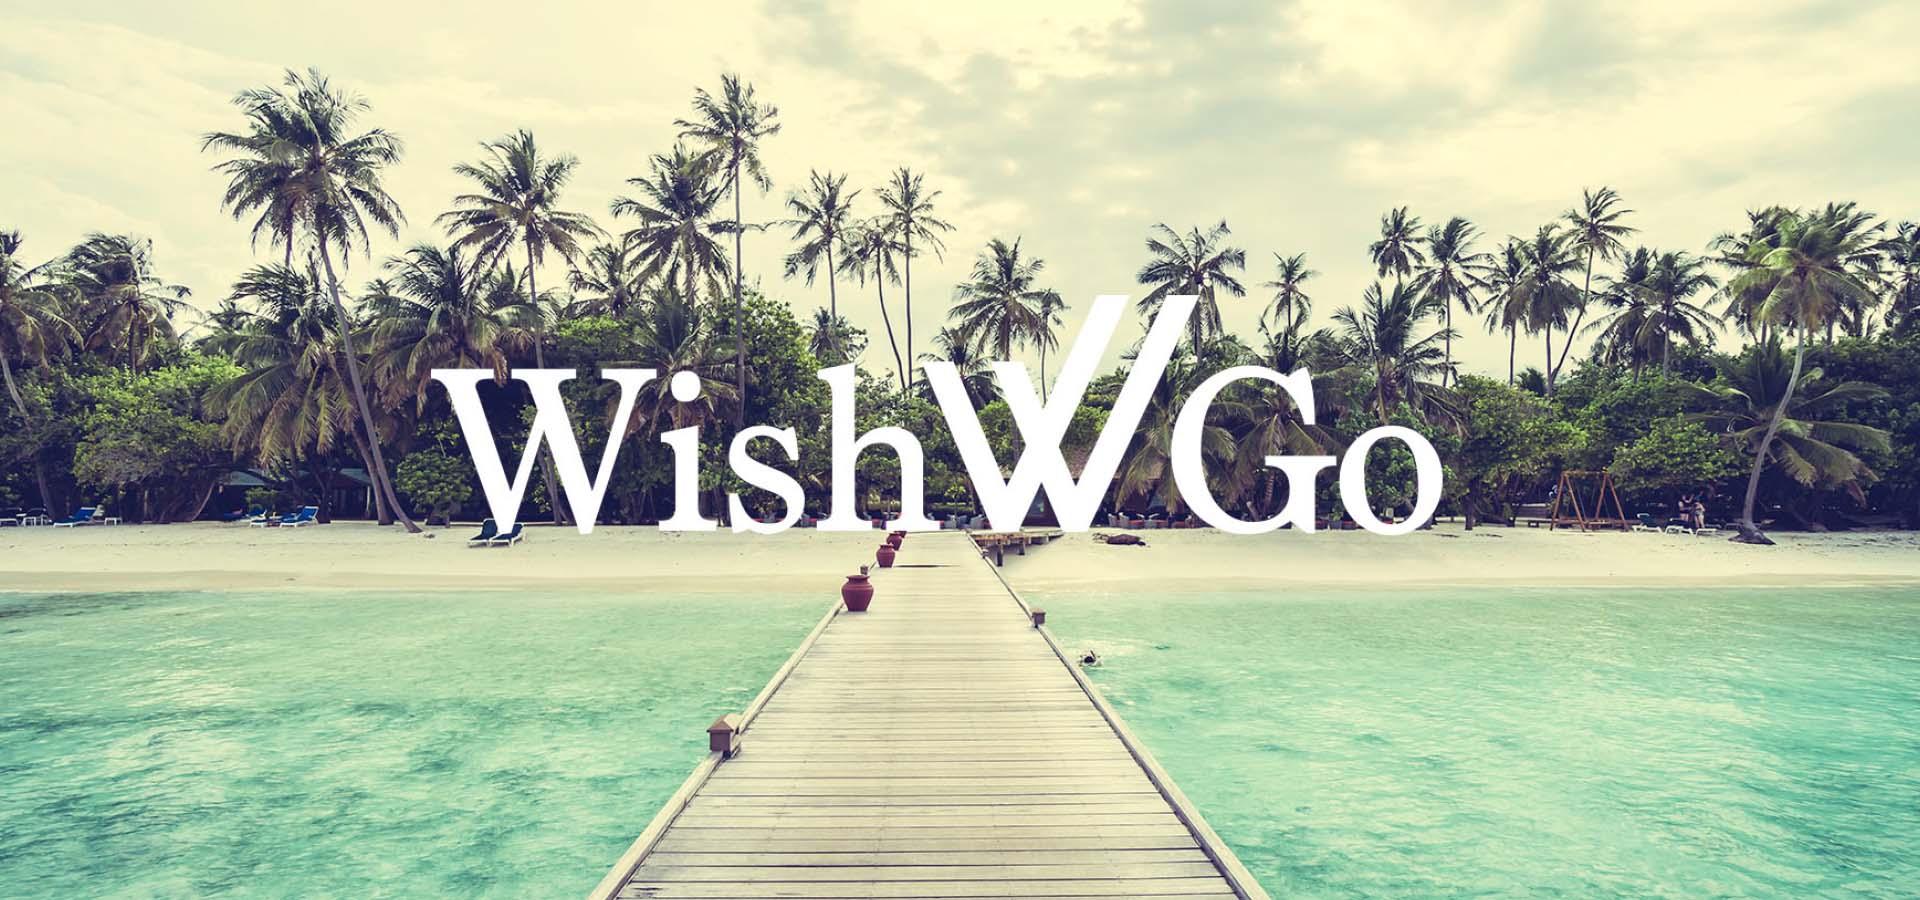 WishGo-Design-1516